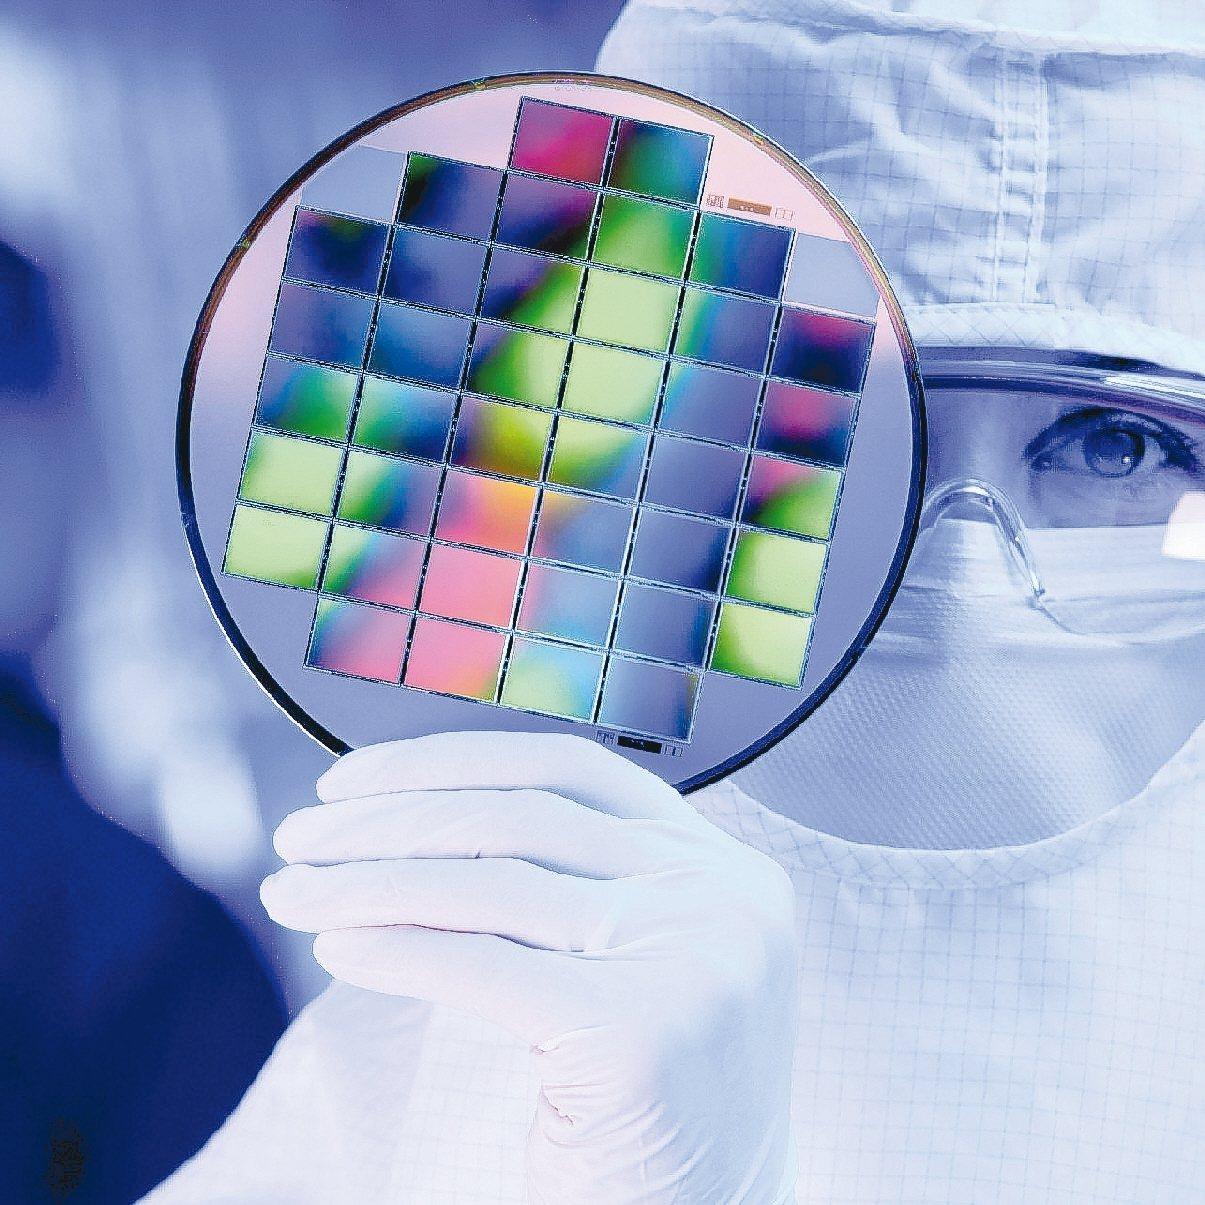 法人表示,記憶體、半導體矽晶圓具缺貨與漲價利多,概念股有望受惠。 報系資料照